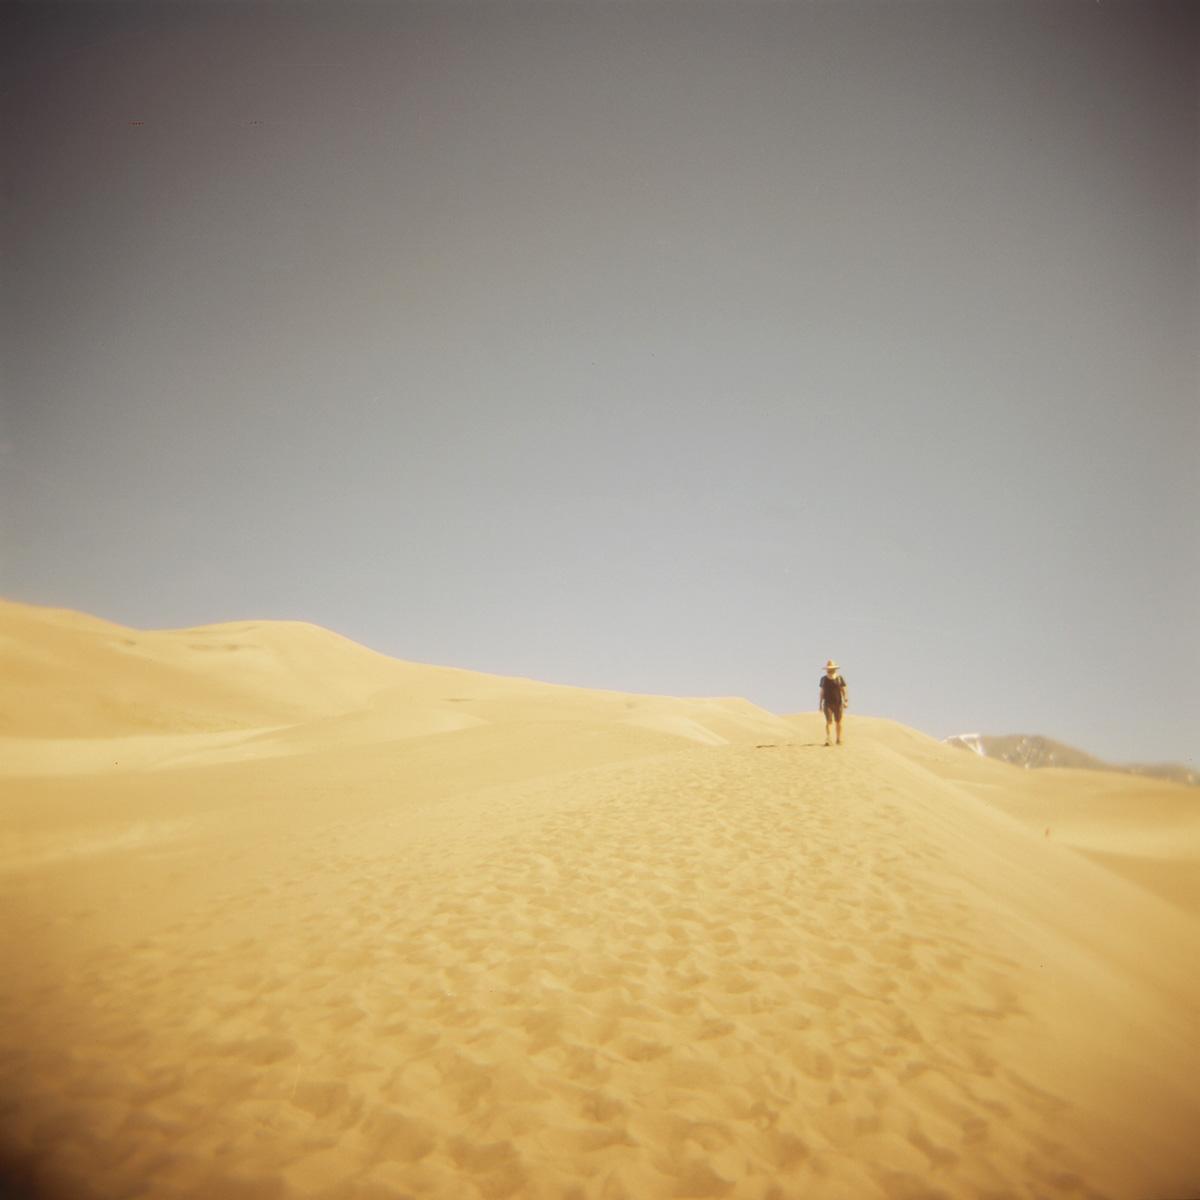 Man and Dune.jpg